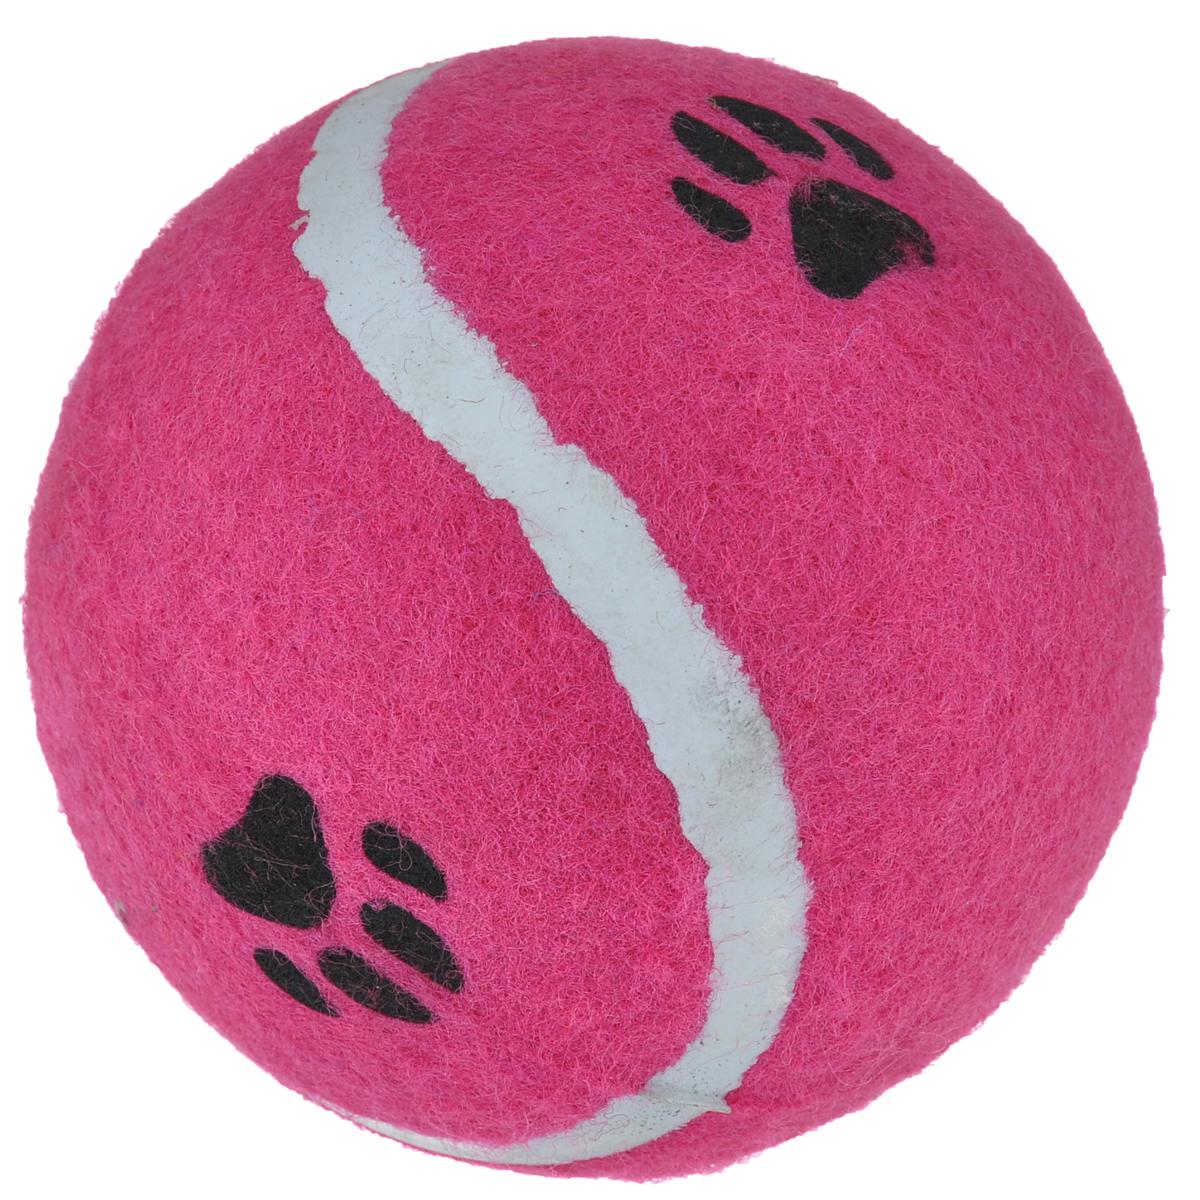 Игрушка для собак I.P.T.S. Мячик теннисный с отпечатками лап, цвет: розовый, диаметр 10 см0120710Игрушка для собак I.P.T.S. Мячик теннисный с отпечатками лап изготовлена из прочной цветной резины с ворсистой поверхностью в виде реального теннисного мяча с отпечатками лап. Предназначена для игр с собакой любого возраста. Такая игрушка привлечет внимание вашего любимца и не оставит его равнодушным. Диаметр: 10 см.